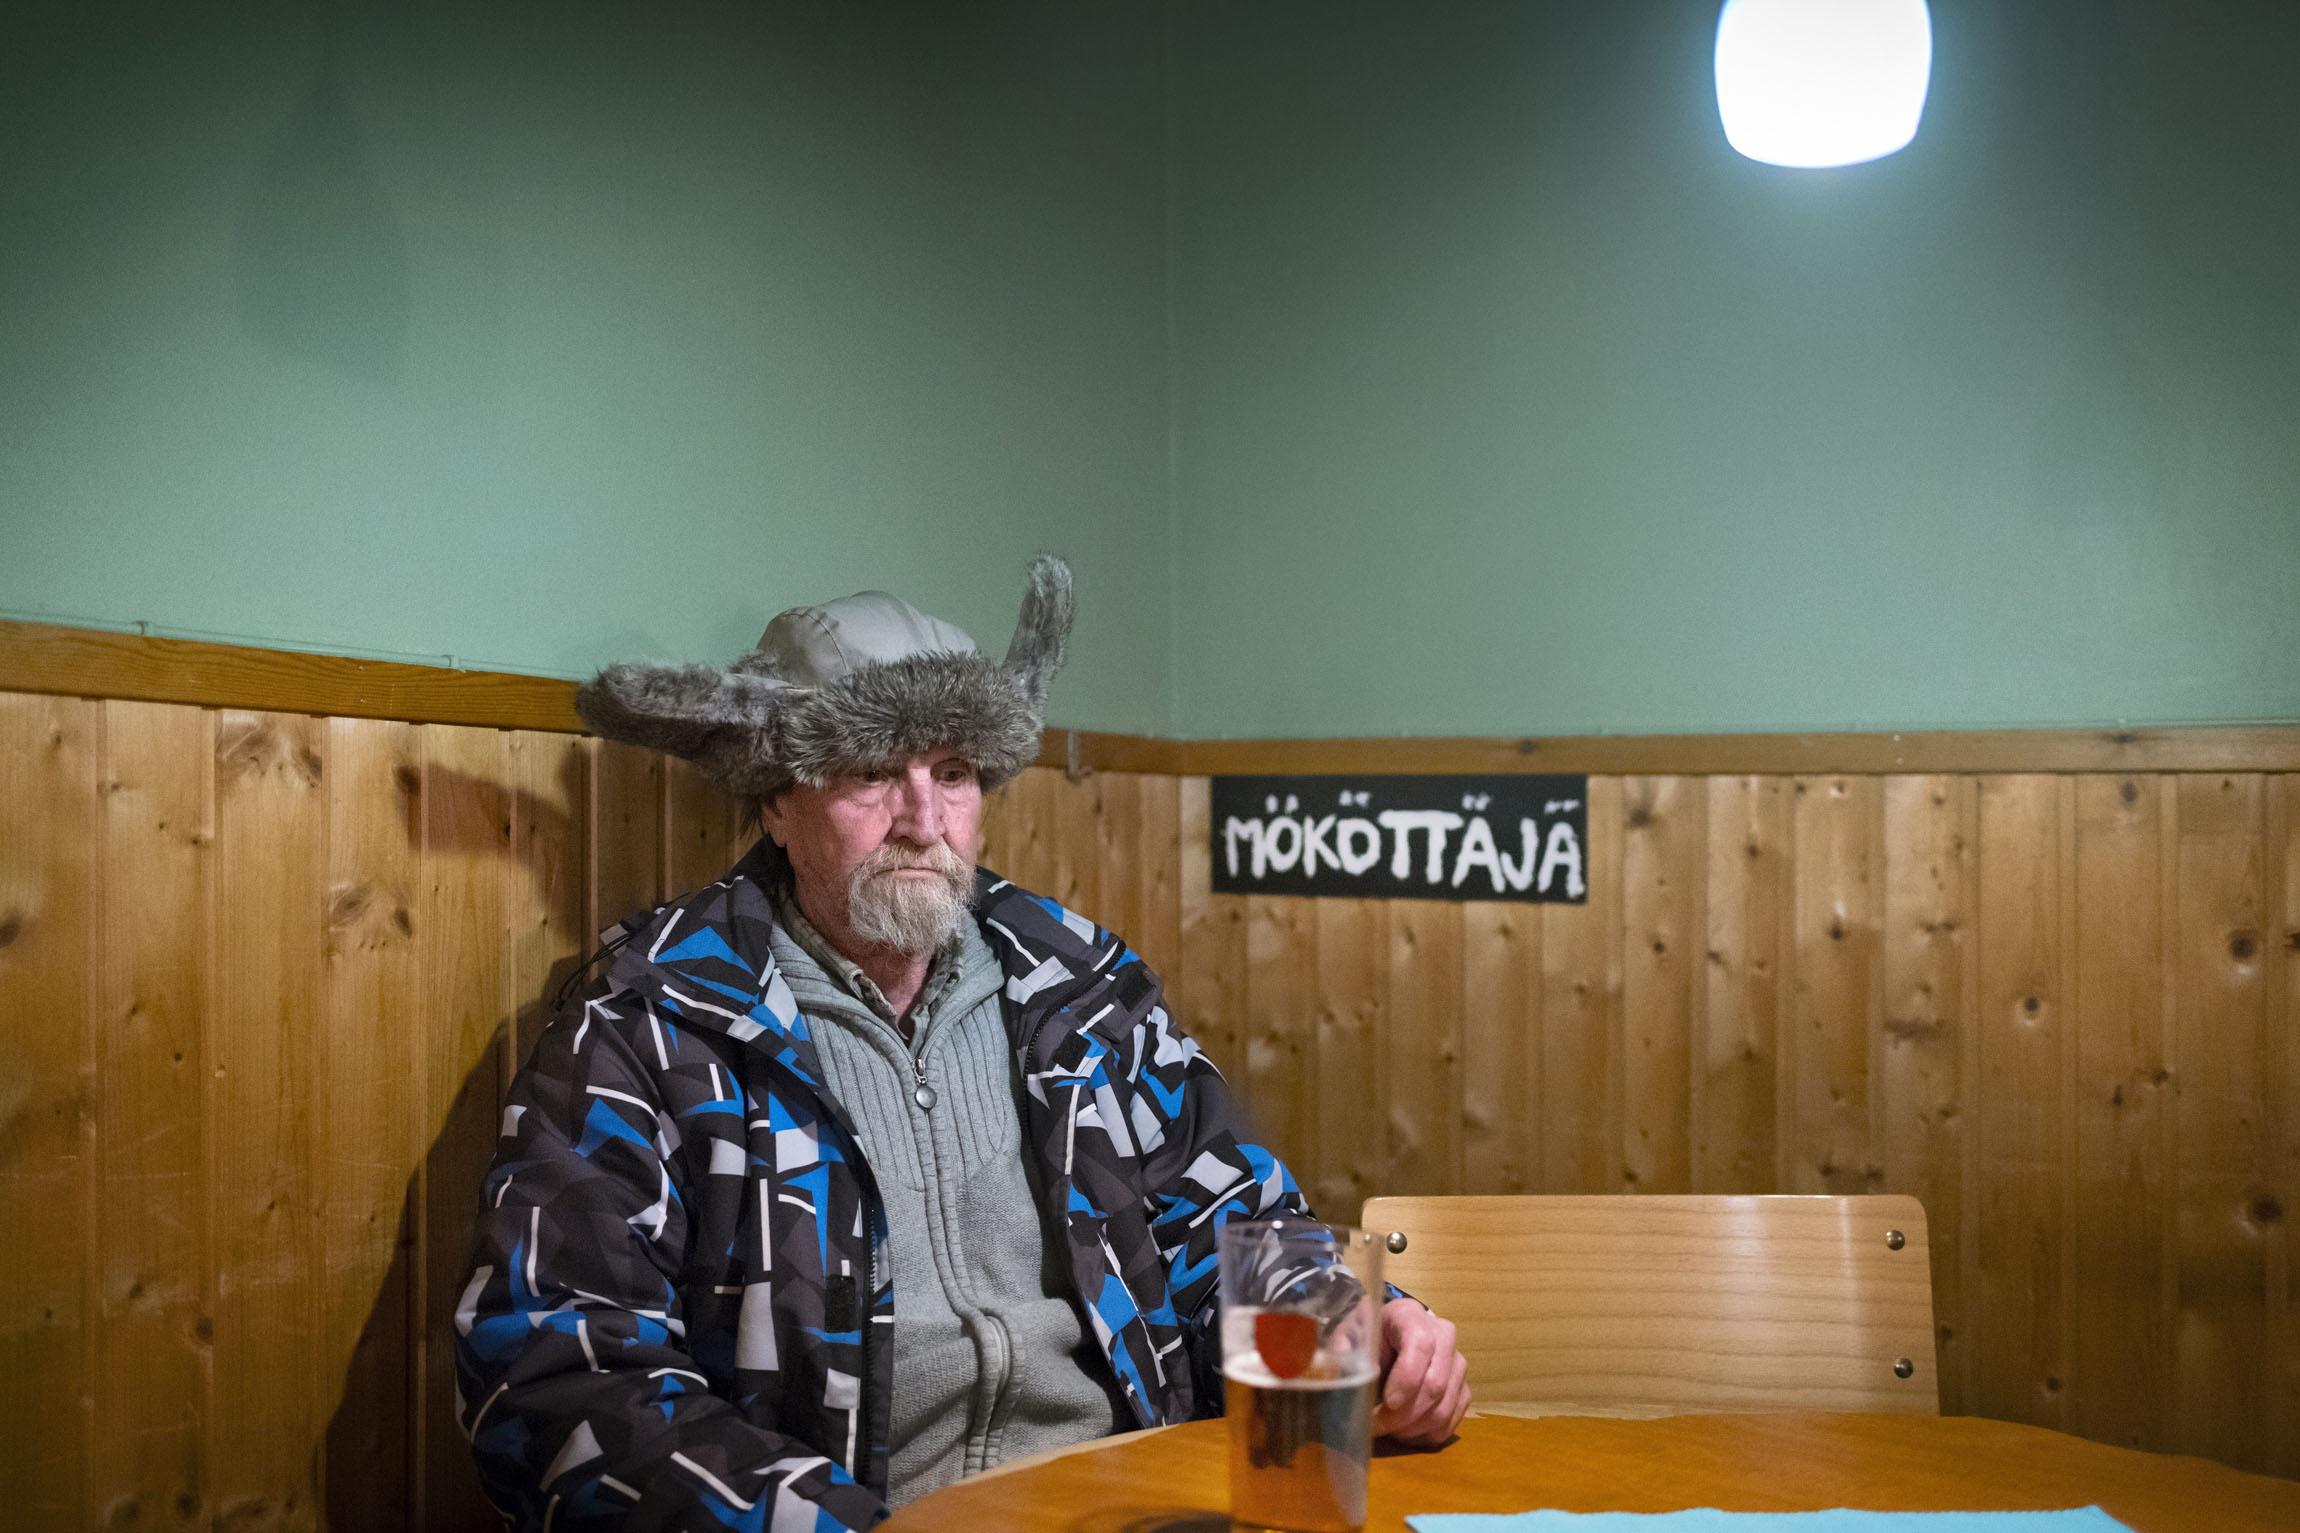 Sakari Koivunen murjottaa pahantuulisuuttaan pois ravintola Jussilan mökötysnurkassa.